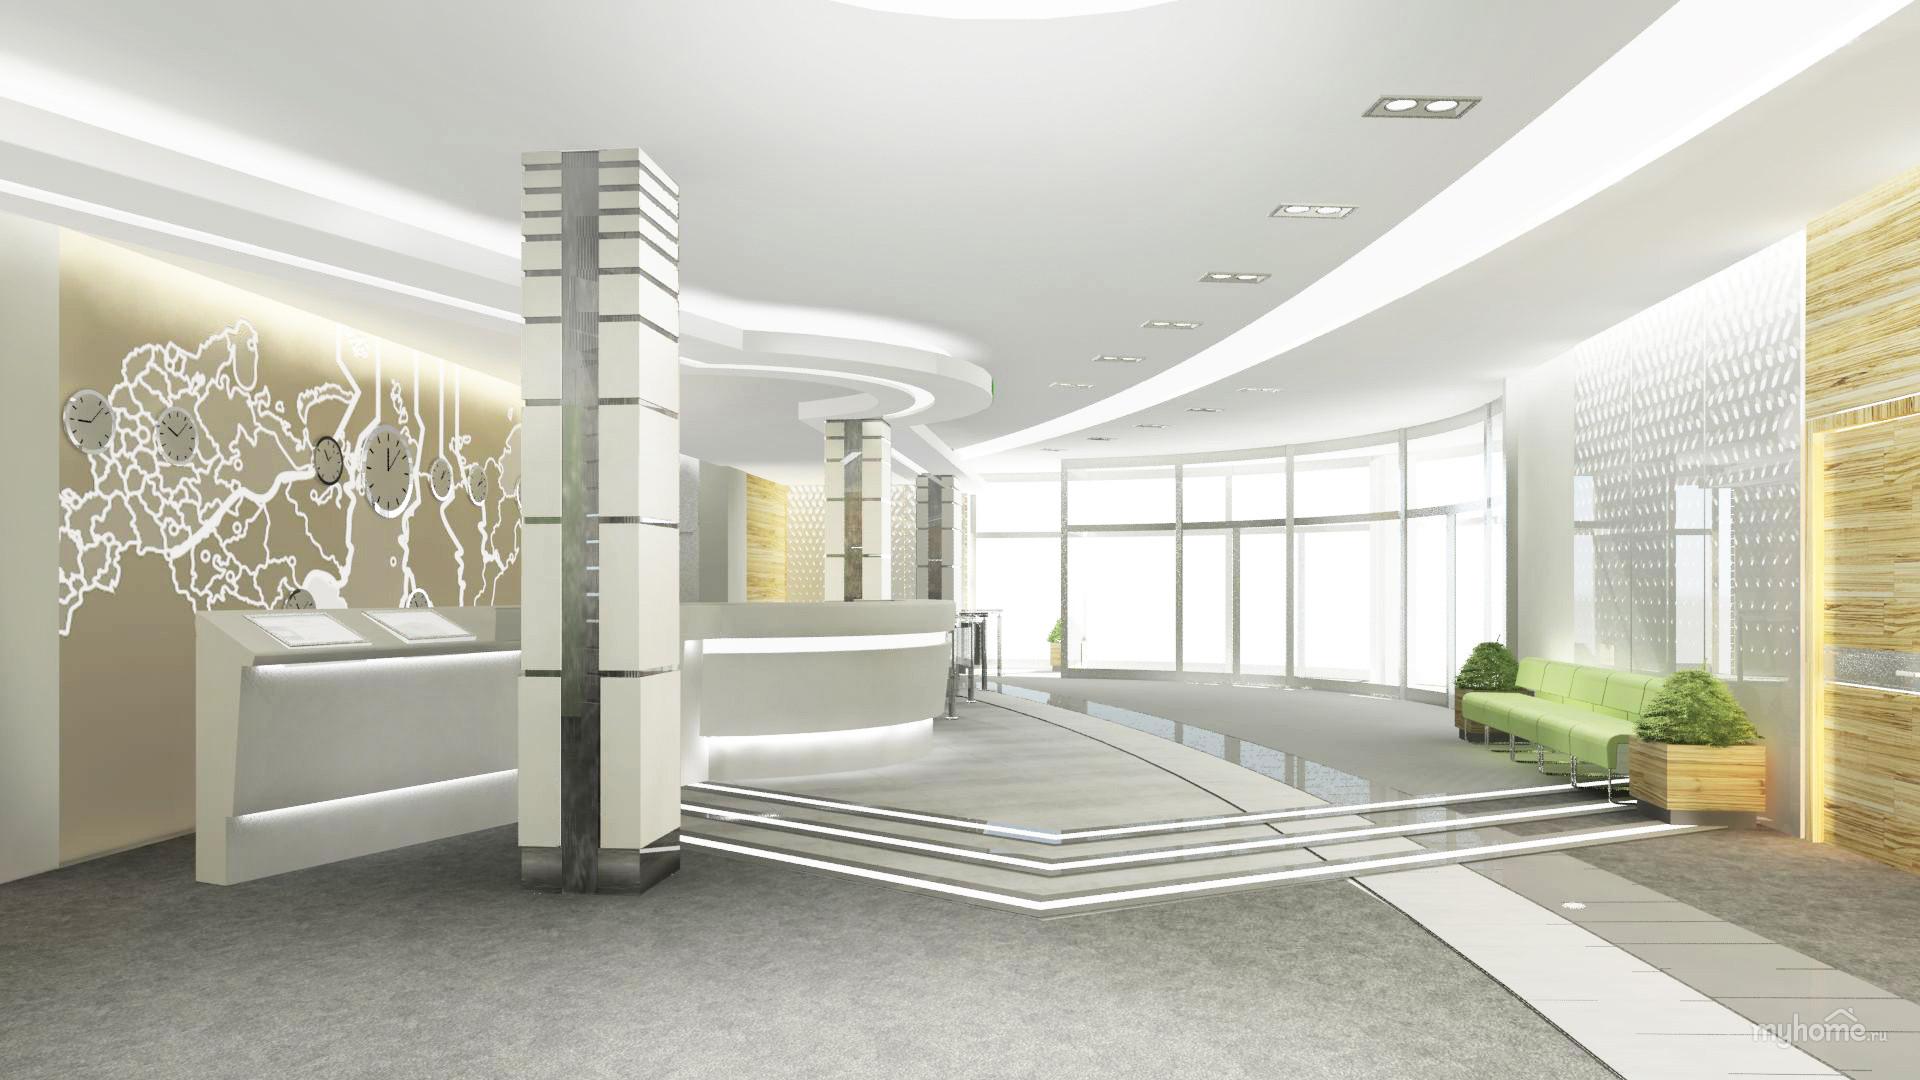 Интерьеры холлов общественных зданий фото